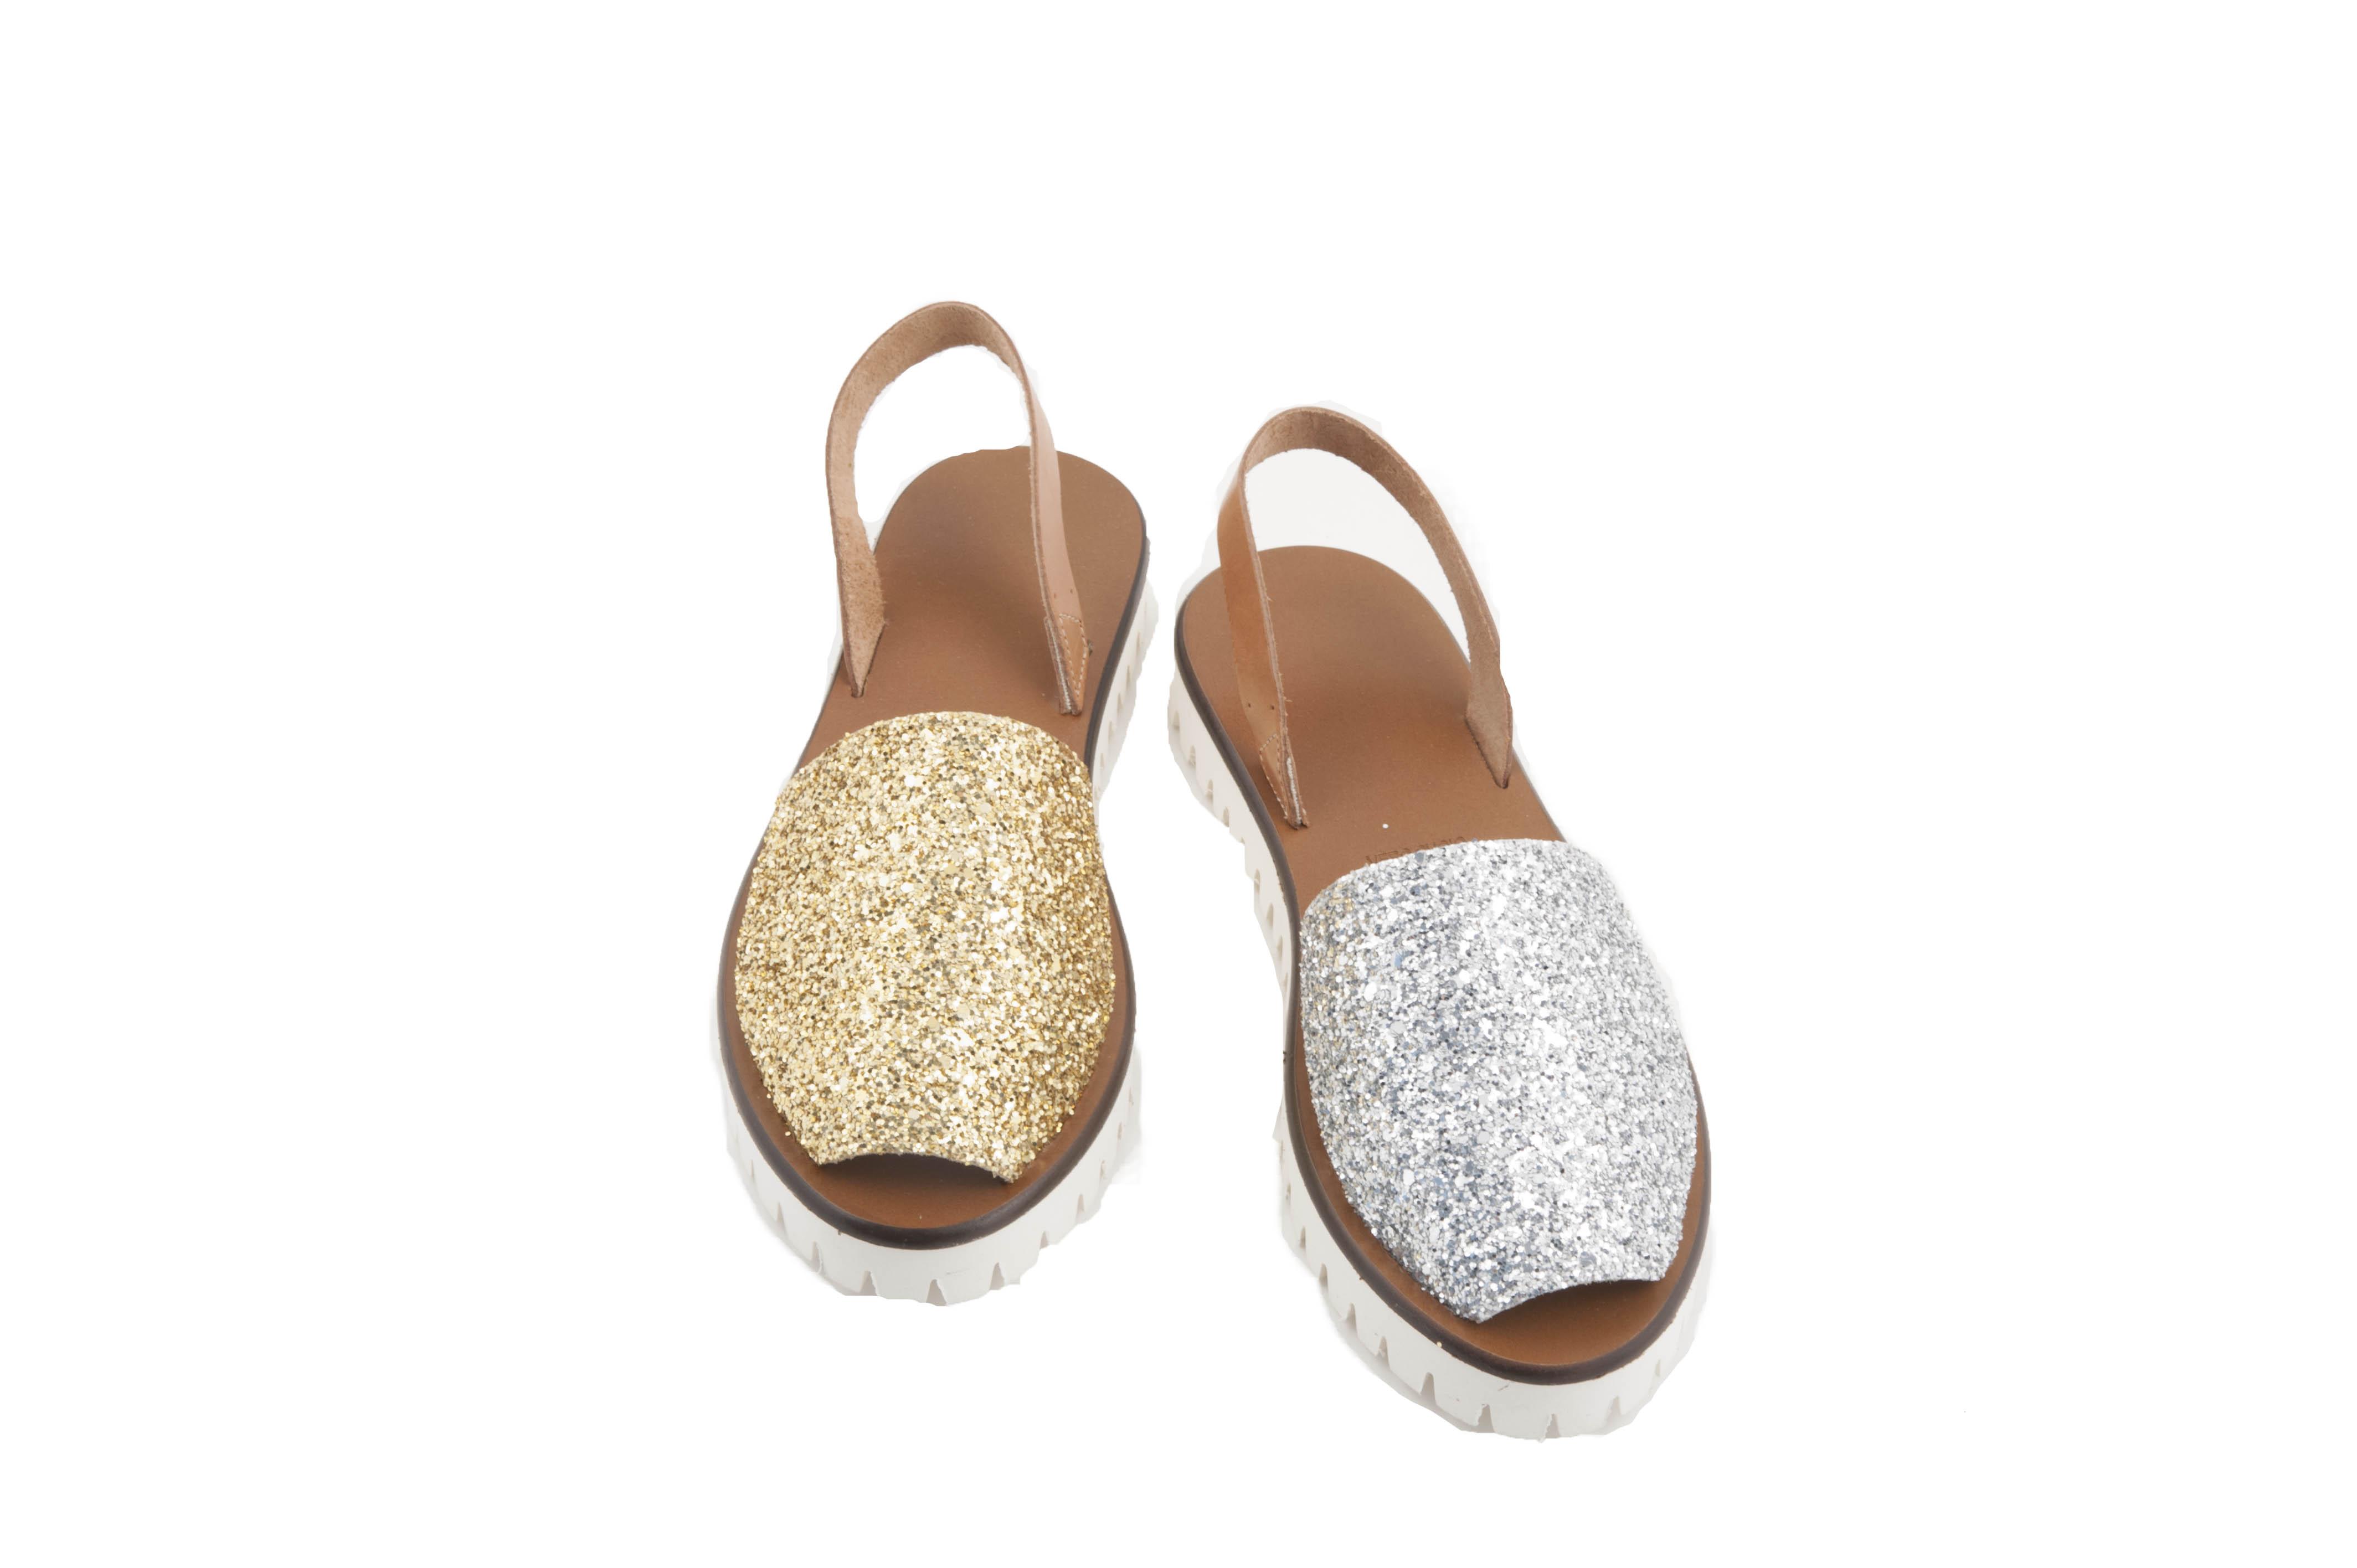 Scarpe estive uomo e donna anche in promozione sul nostro estore  www.lucacalzature.it 2c11d0f82e5